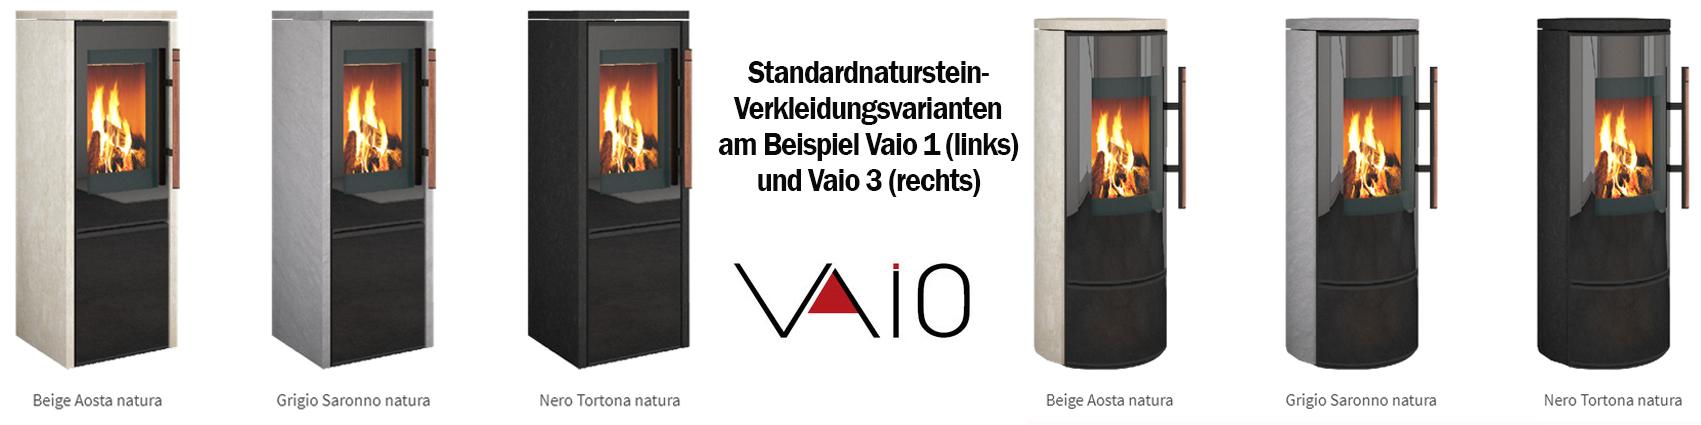 Standard-Naturstein-Varianten-am-Beispiel-Vaio-1-und-Vaio-3